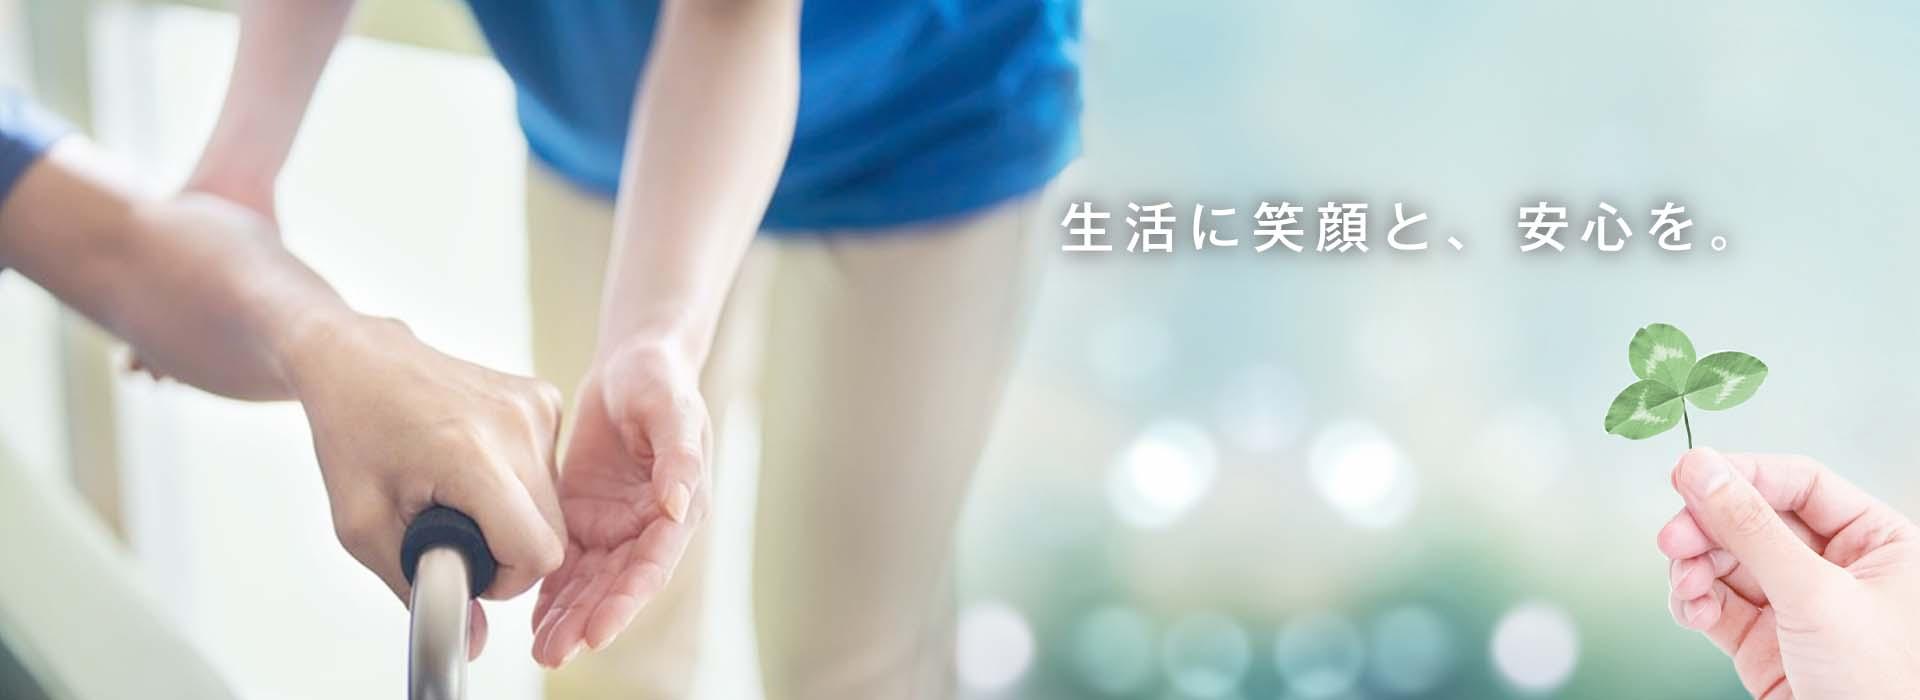 奈良県にある障害福祉サービス事業所「ふれあいの杜」